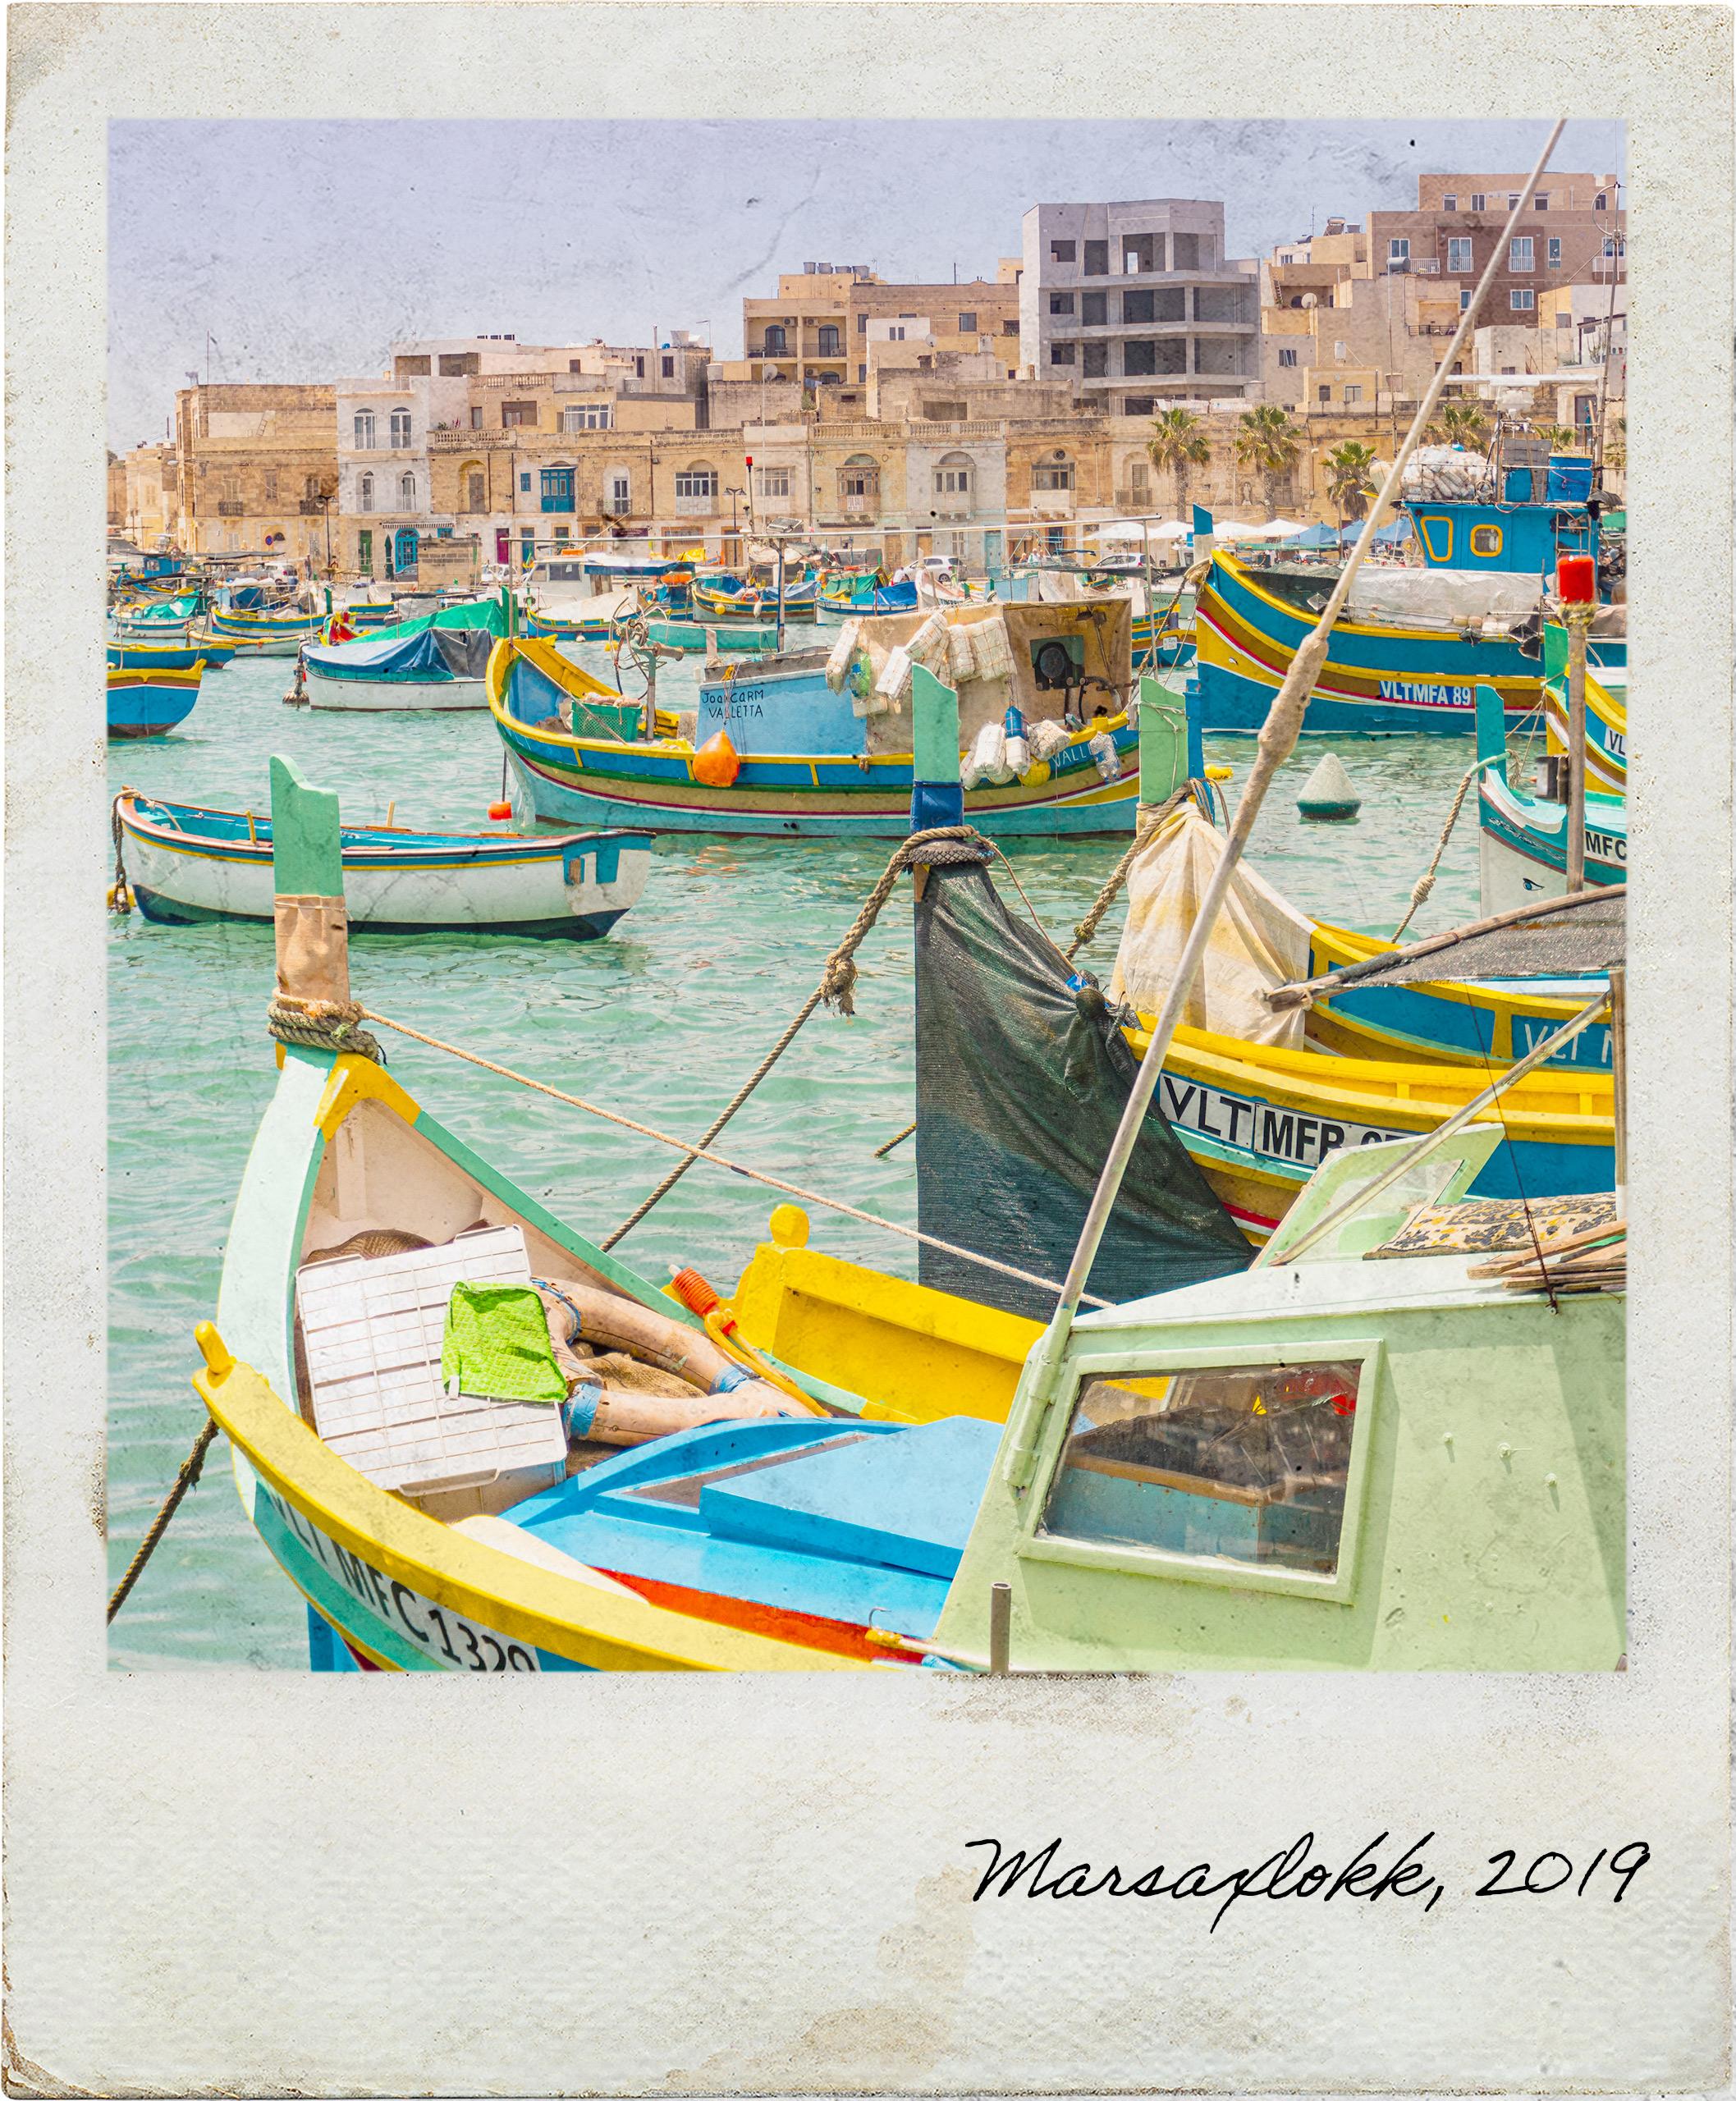 Barcos de pesca na baía de Marsaxlokk